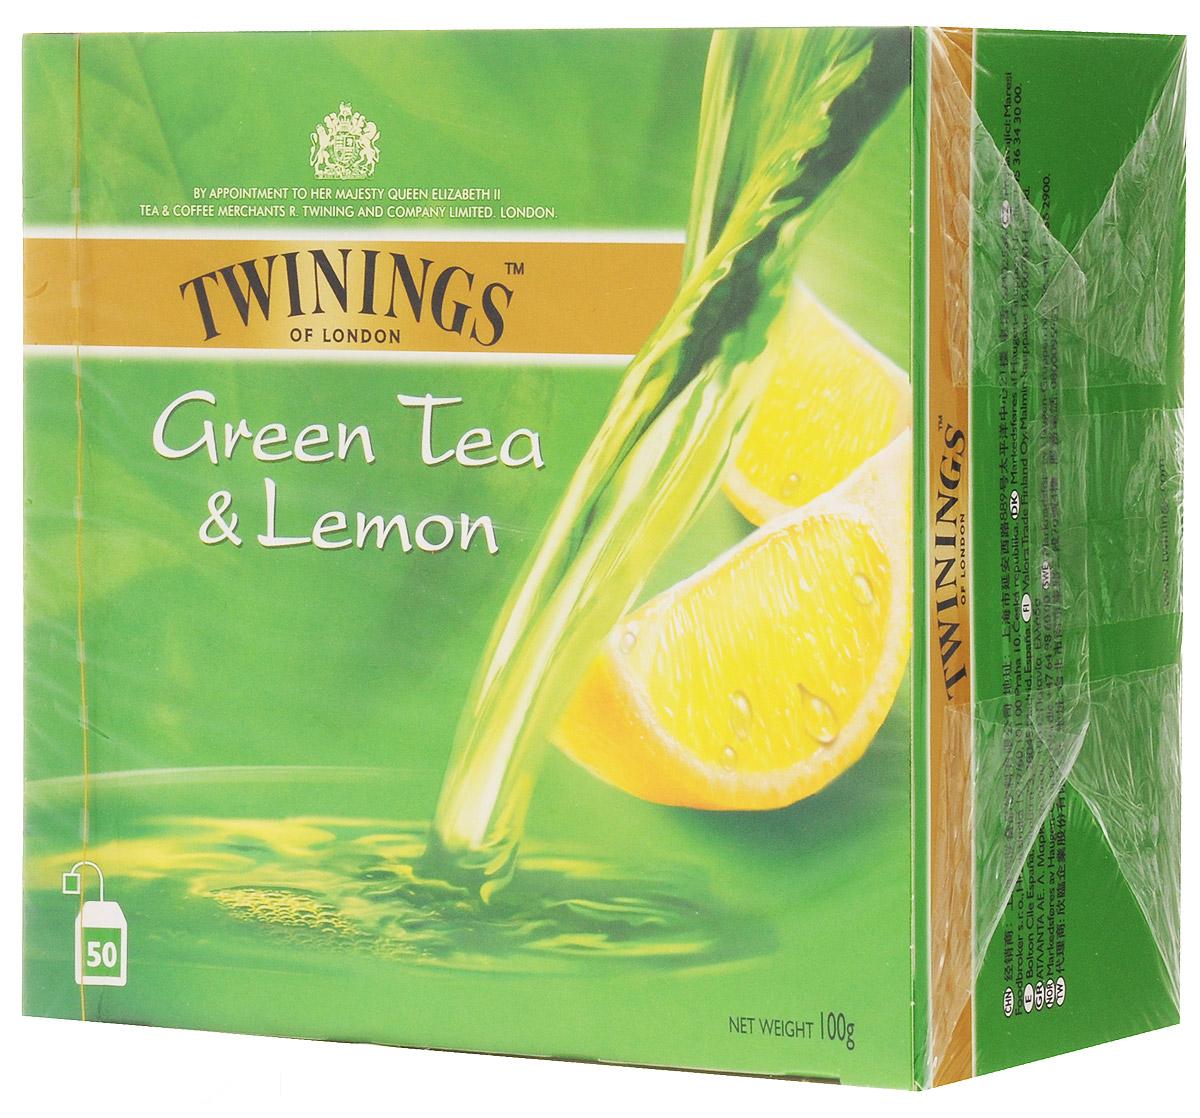 Twinings Green Tea & Lemon чай зеленый в пакетиках, 50 шт23304Twinings Green Tea & Lemon - это уникальная смесь сортов зеленого чая с добавлением высушенной лимонной цедры. Подарит ощущения бодрости на весь день.